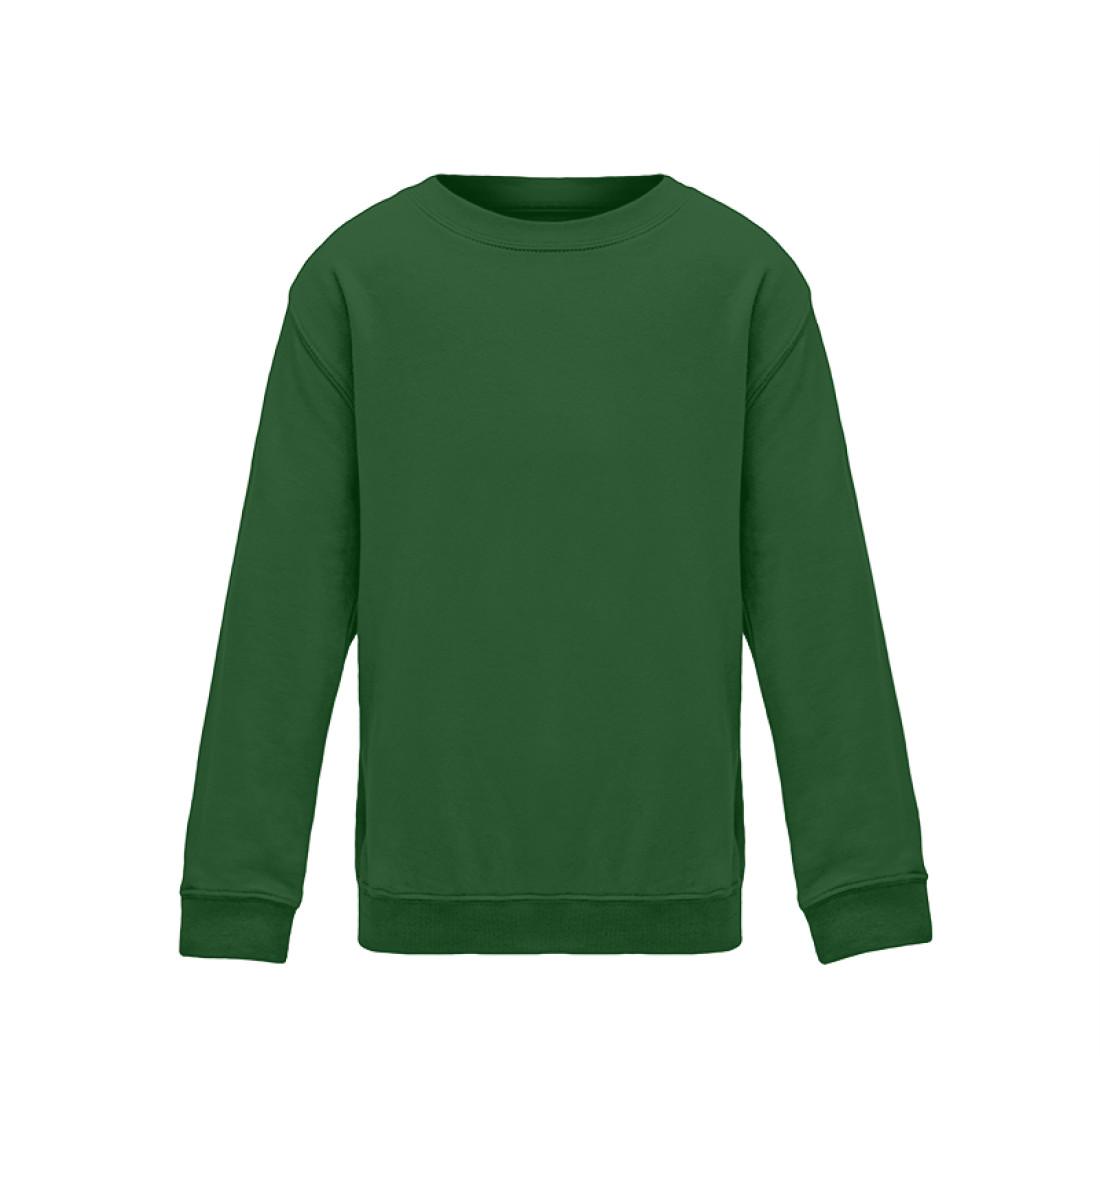 Beispiel - Kinder Sweatshirt-833